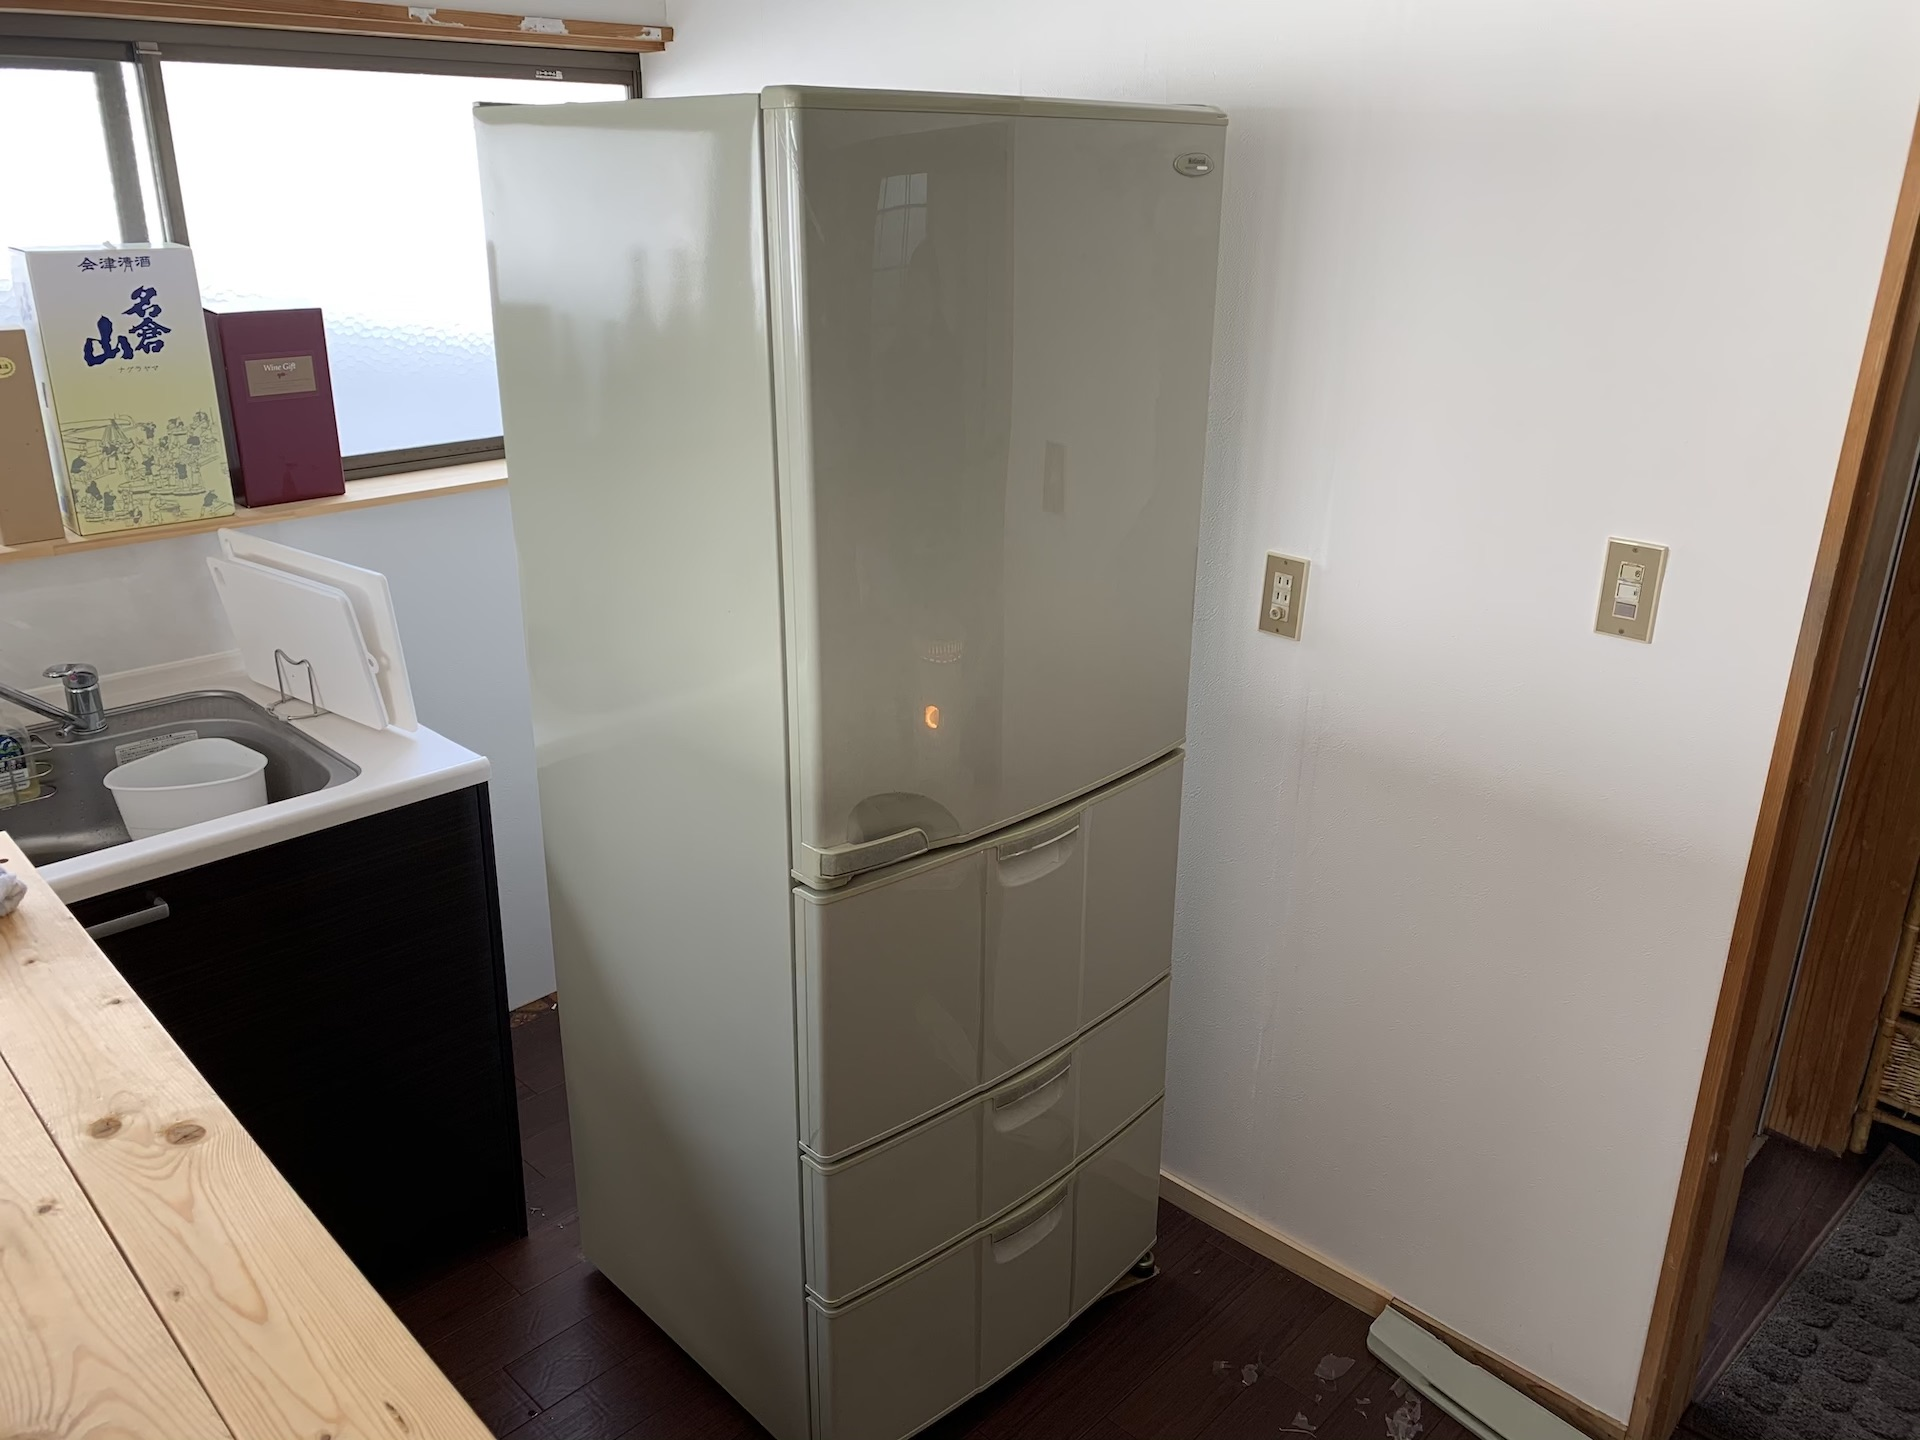 冷蔵庫リメイク完成